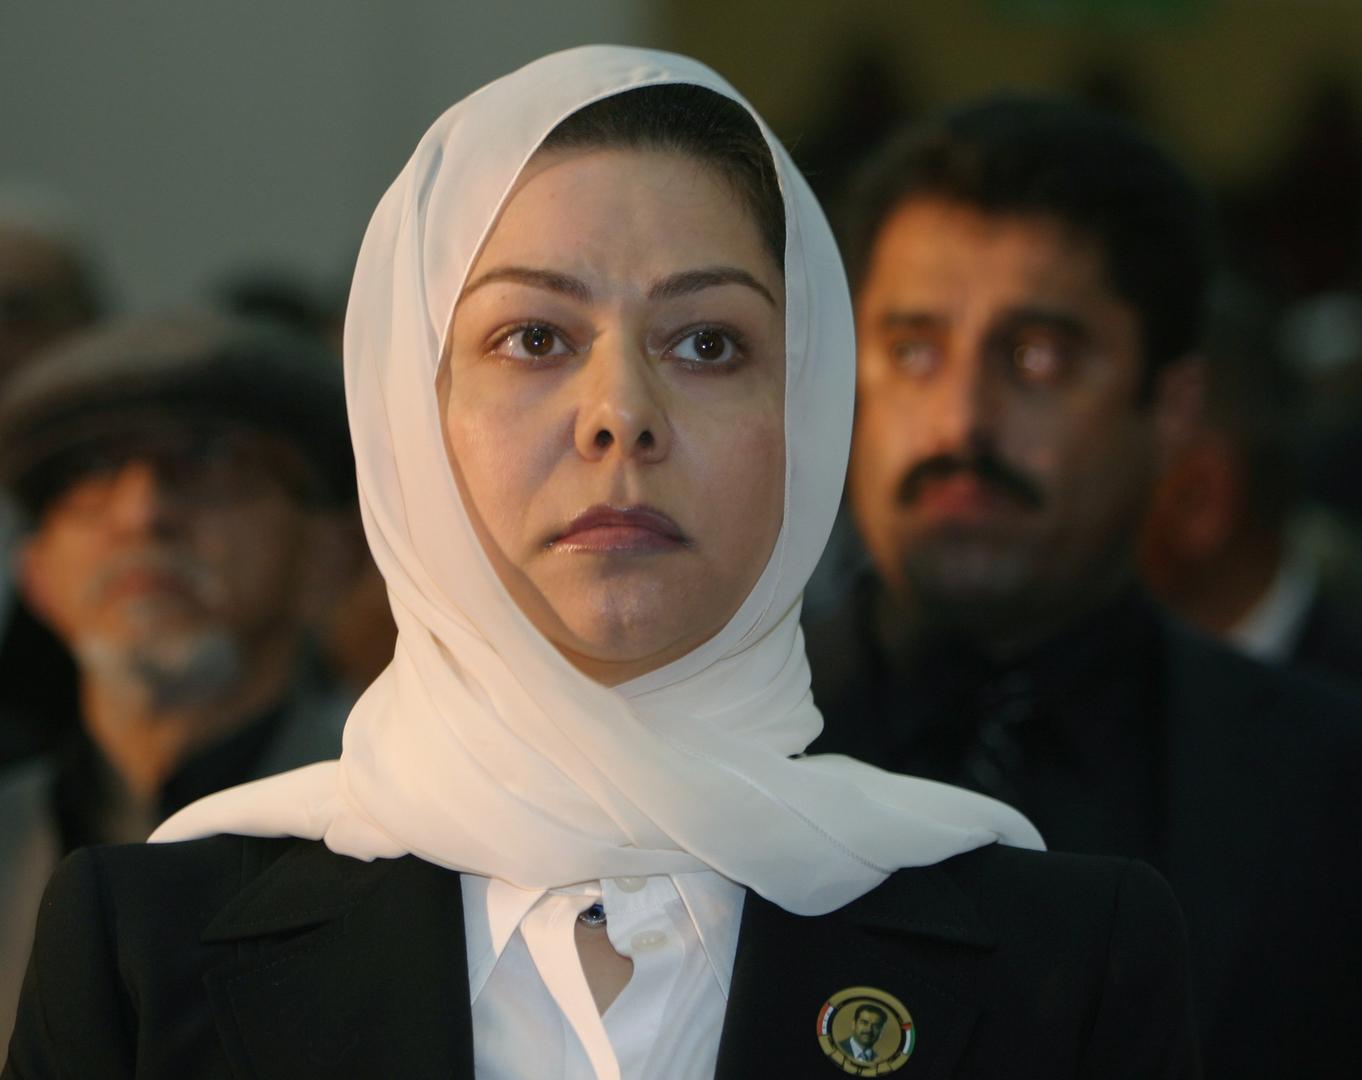 رغد صدام حسين تغرد حول مناسبة حرر خلالها الجيش العراقي مدينة من القوات الإيرانية